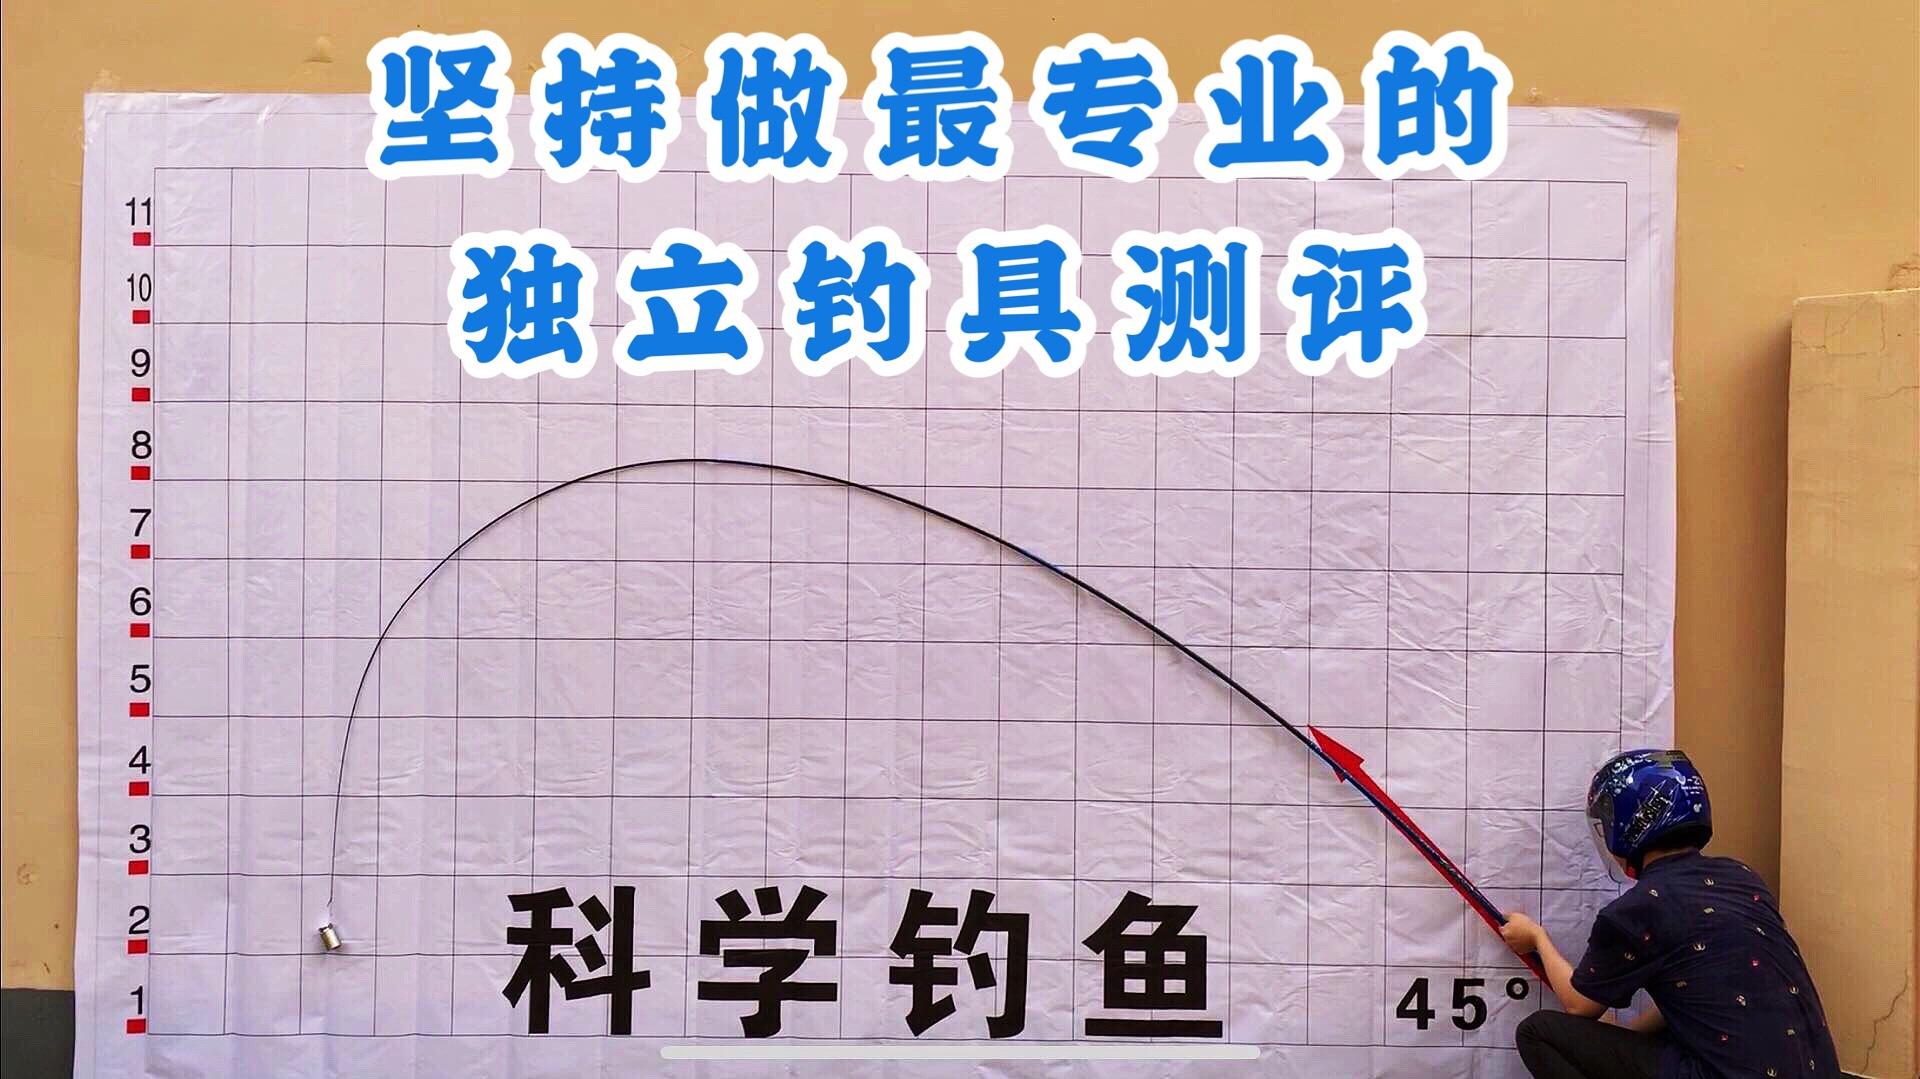 鱼竿调性是什么意思(鱼竿硬度和调性对照表)